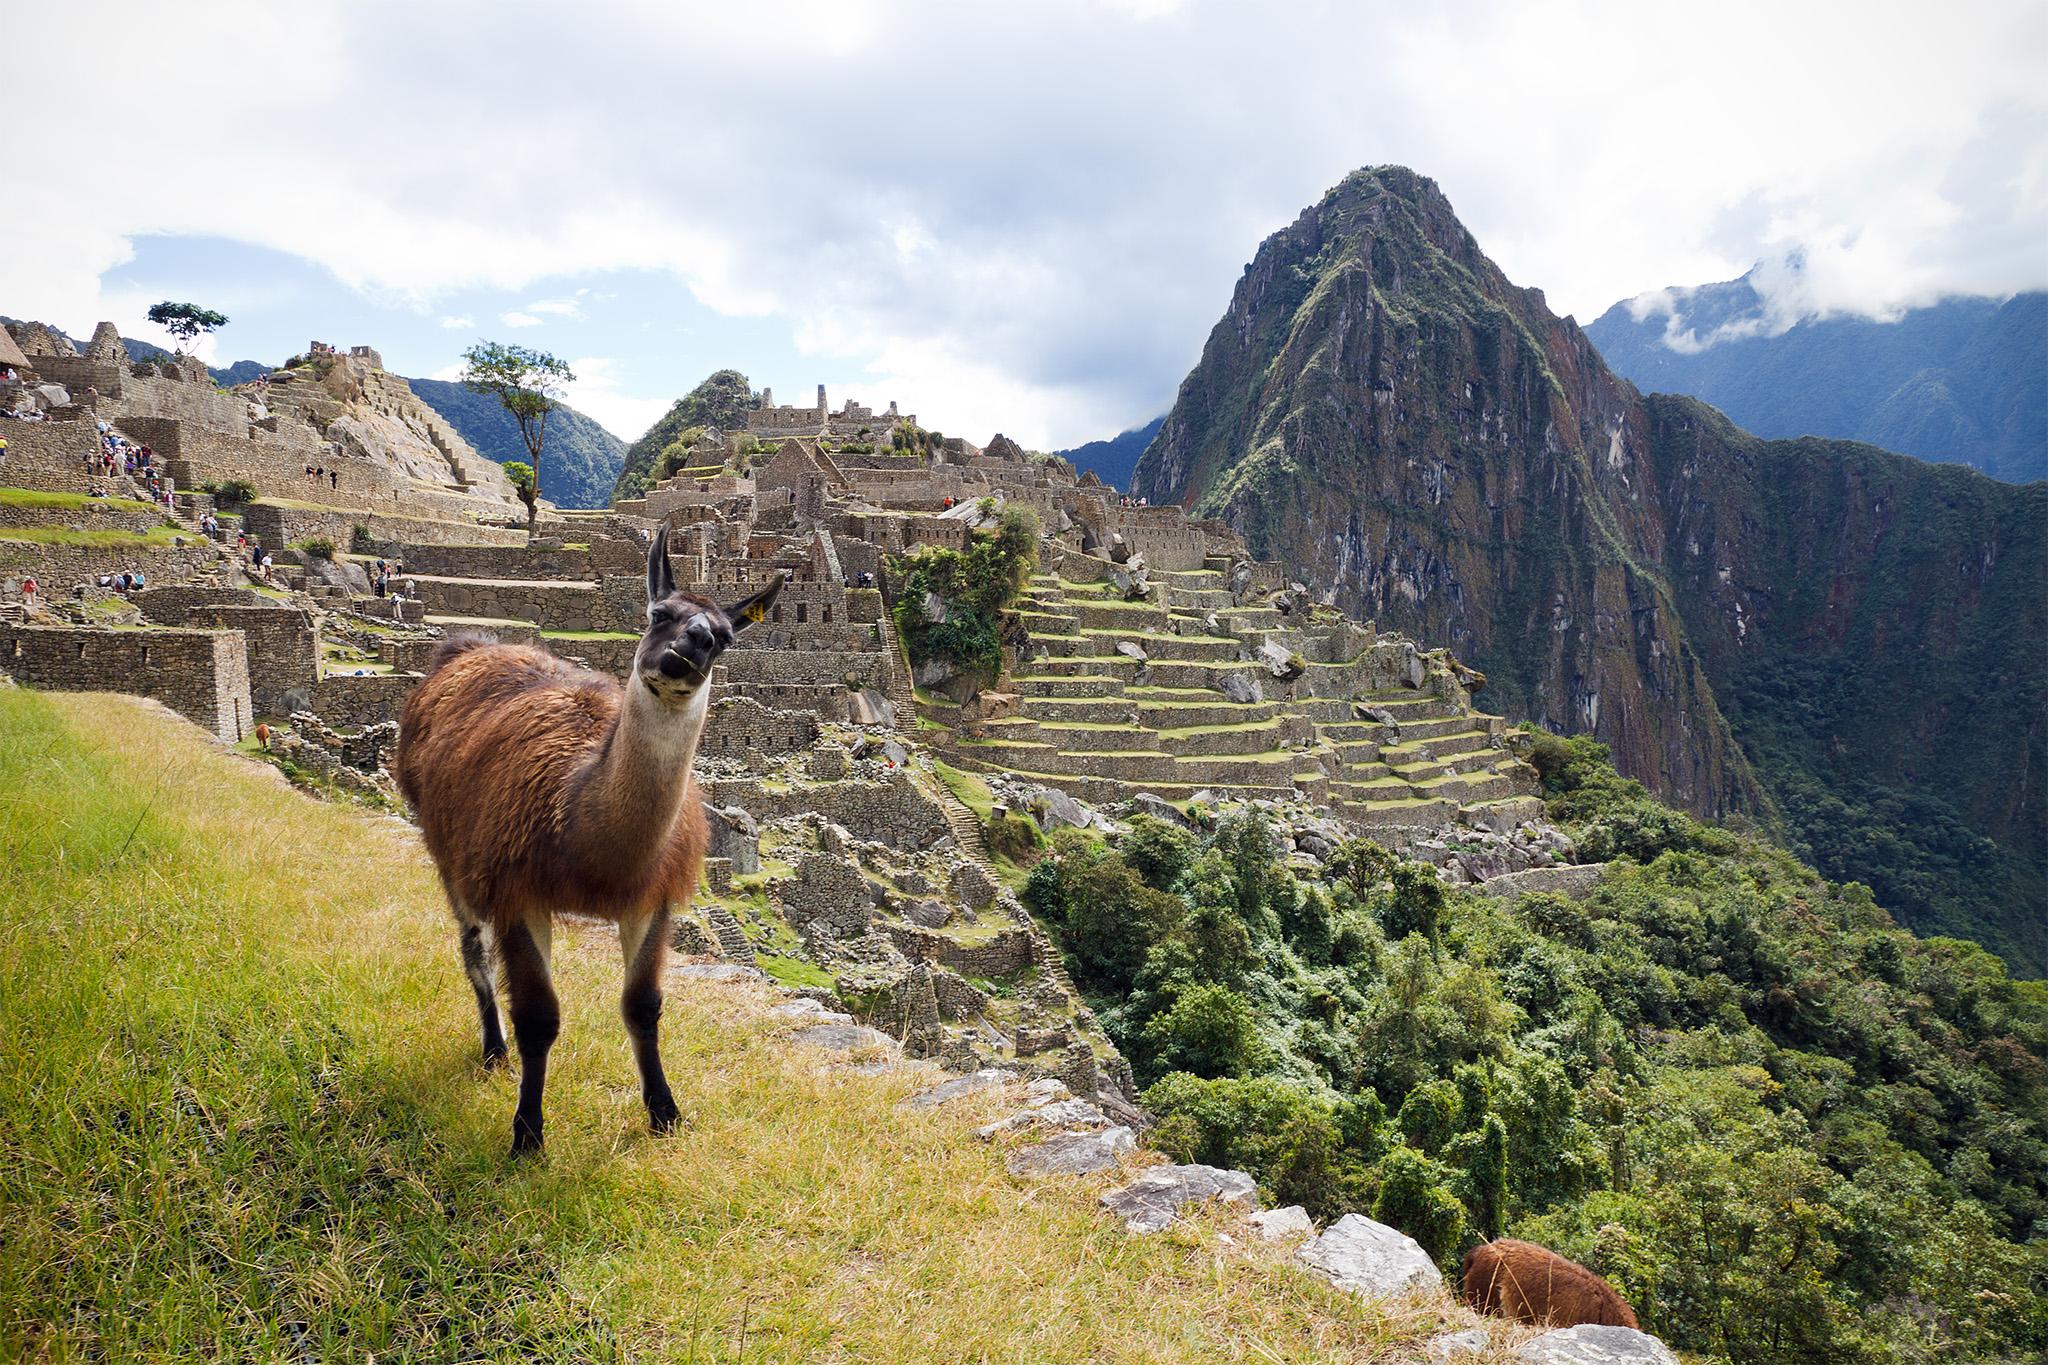 File:Lama op Machu Pichu, -21 juni 2011 a.jpg - Wikimedia ...